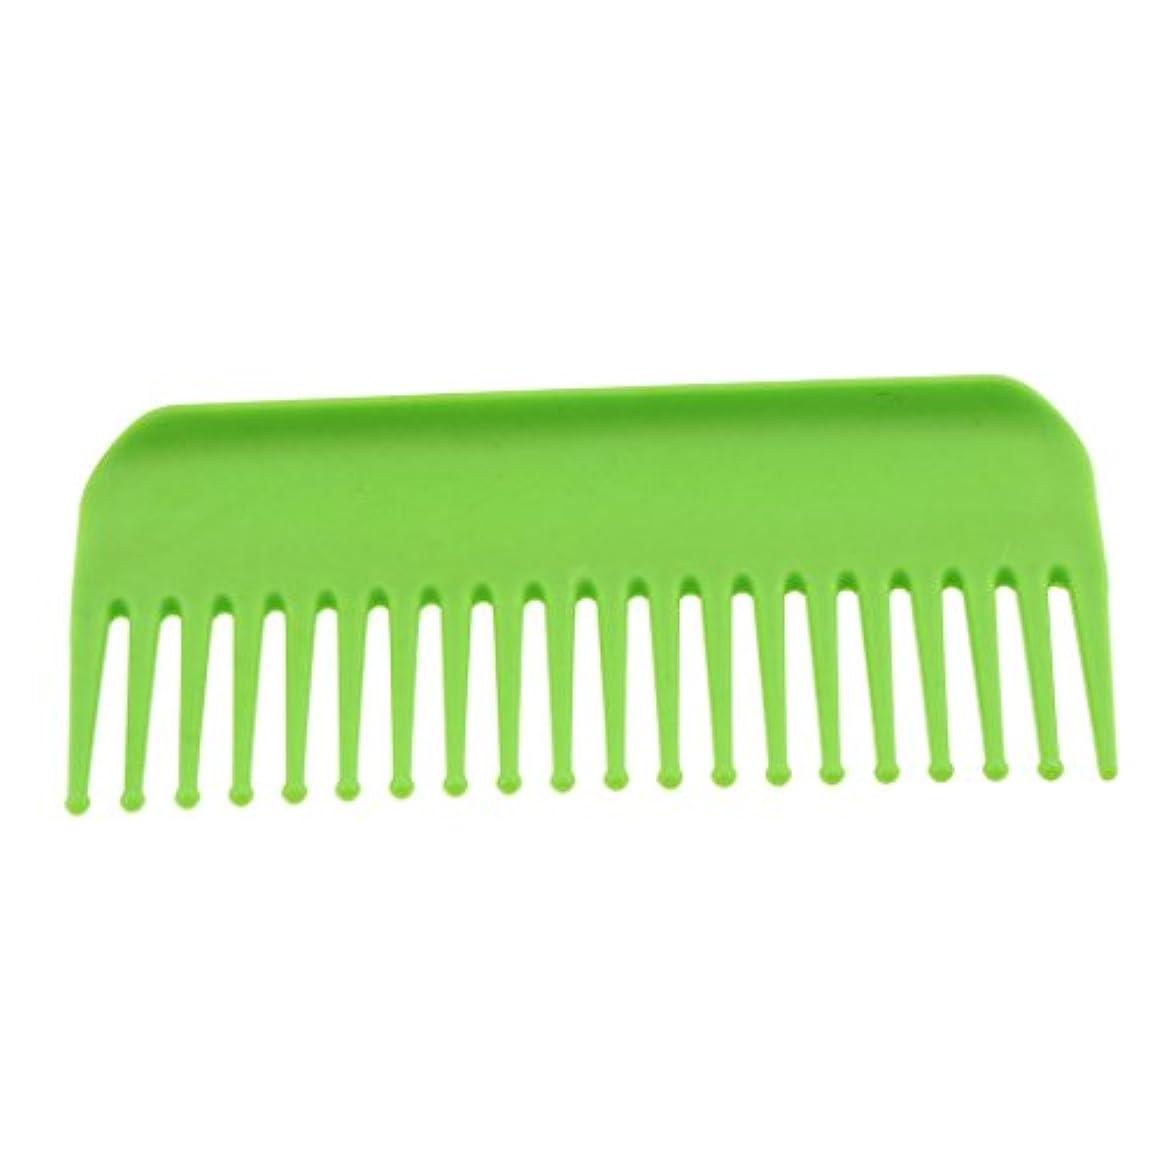 バンド学習蒸発するサロンヘアケア脱毛ヘアコームヘアブラシスタティックワイド - 緑